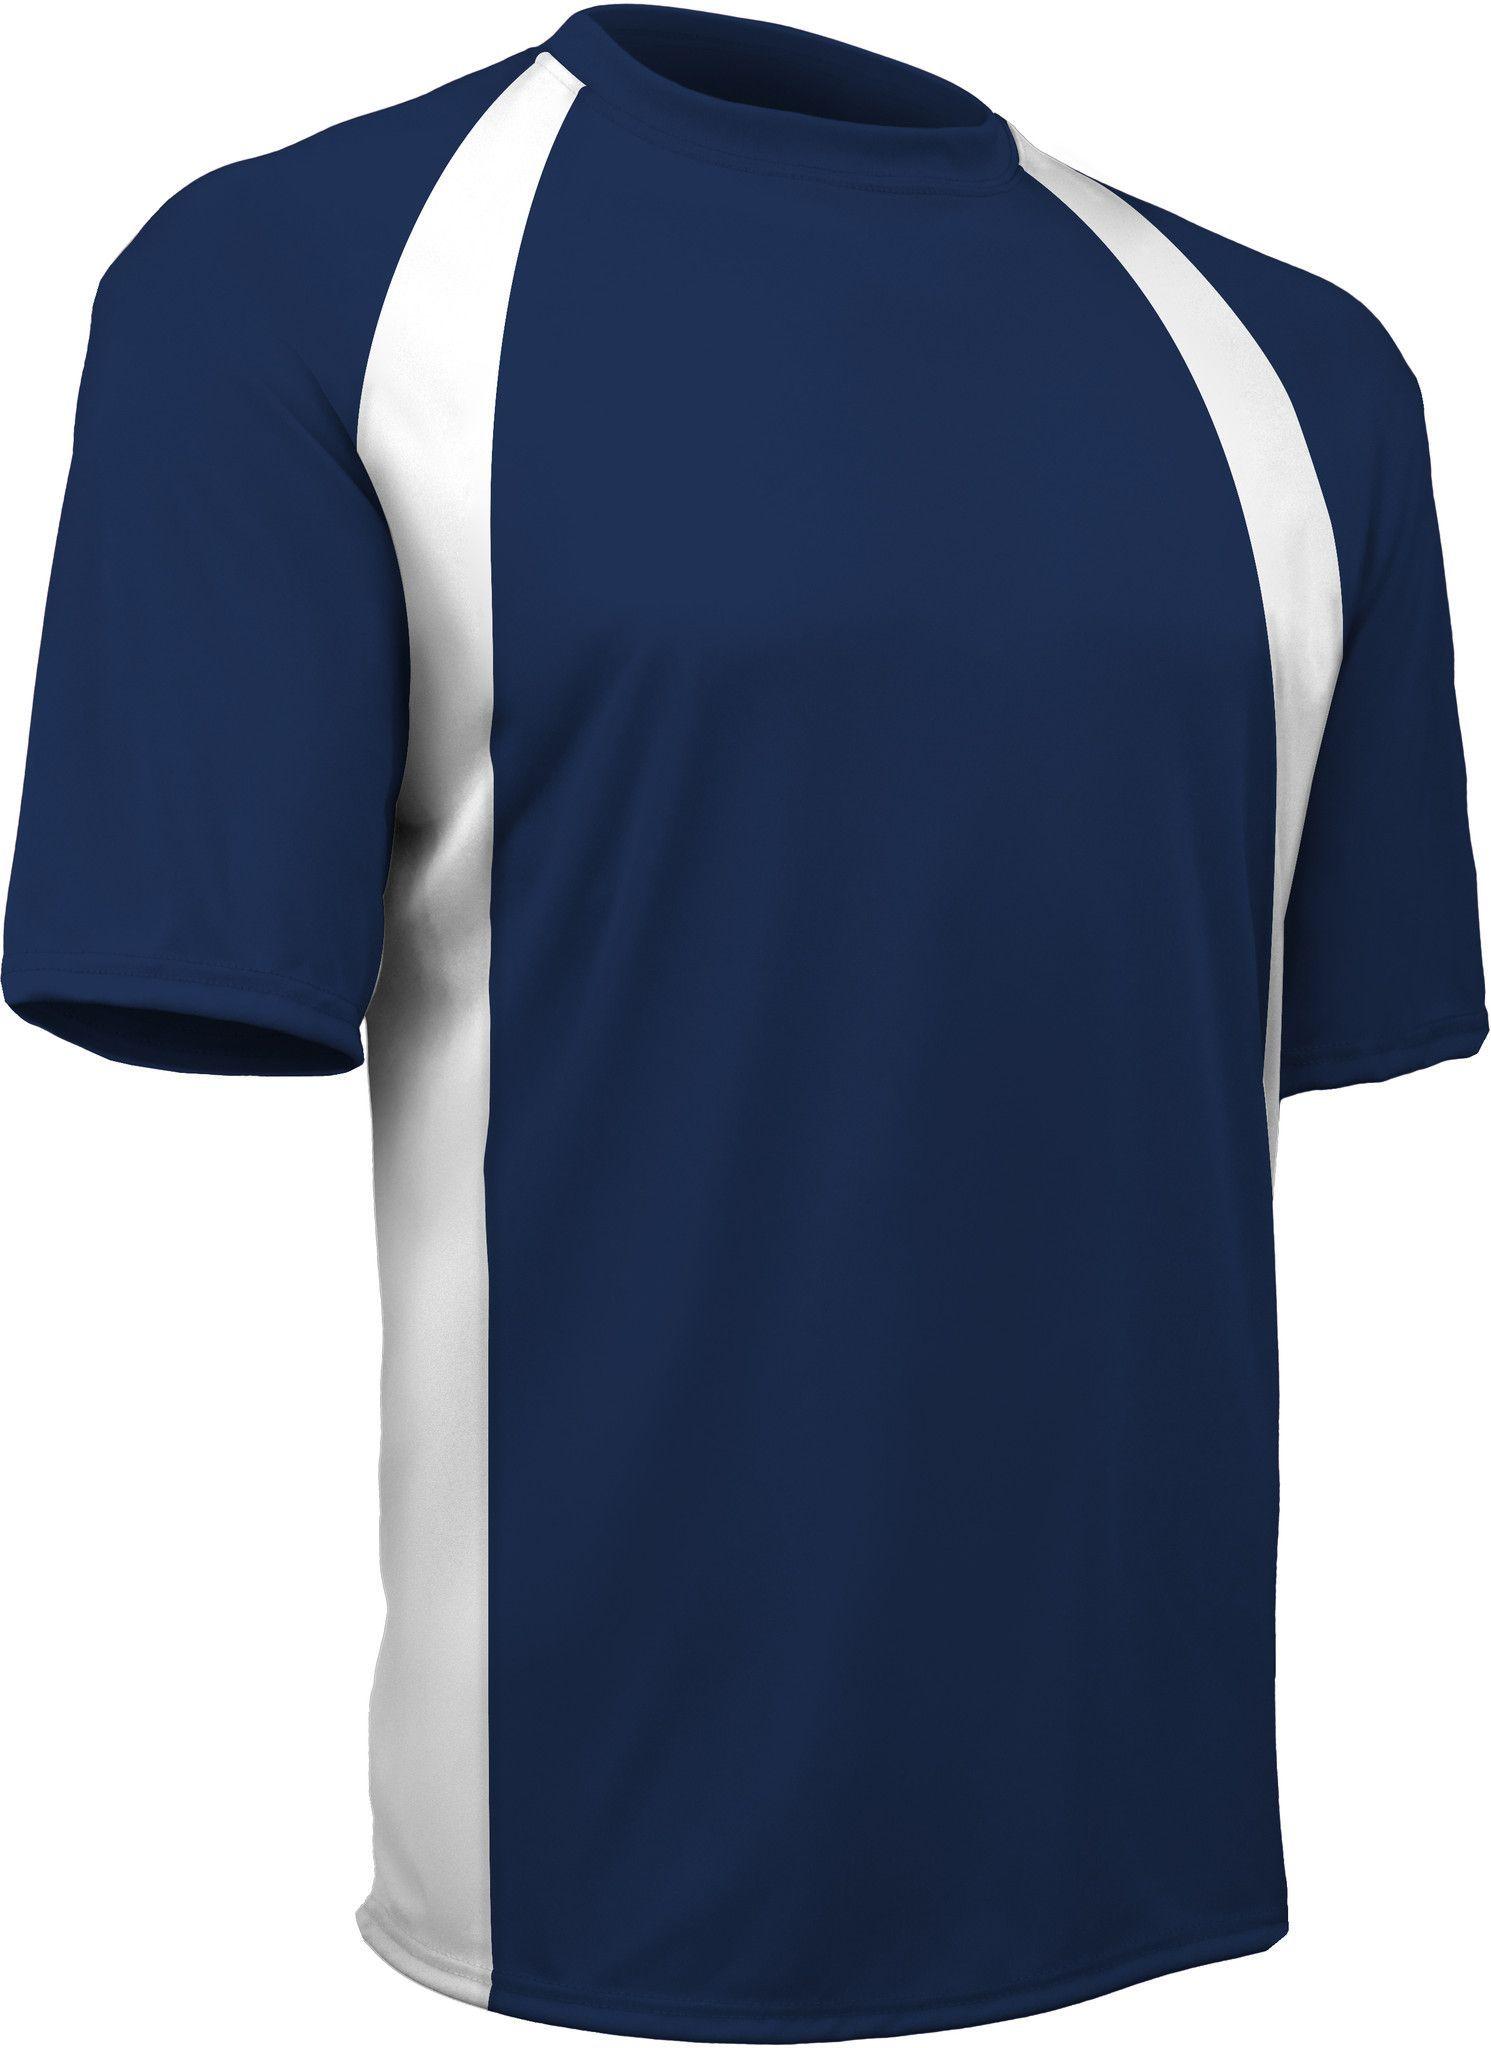 PT812S - Men's Full Panel Training Shirt